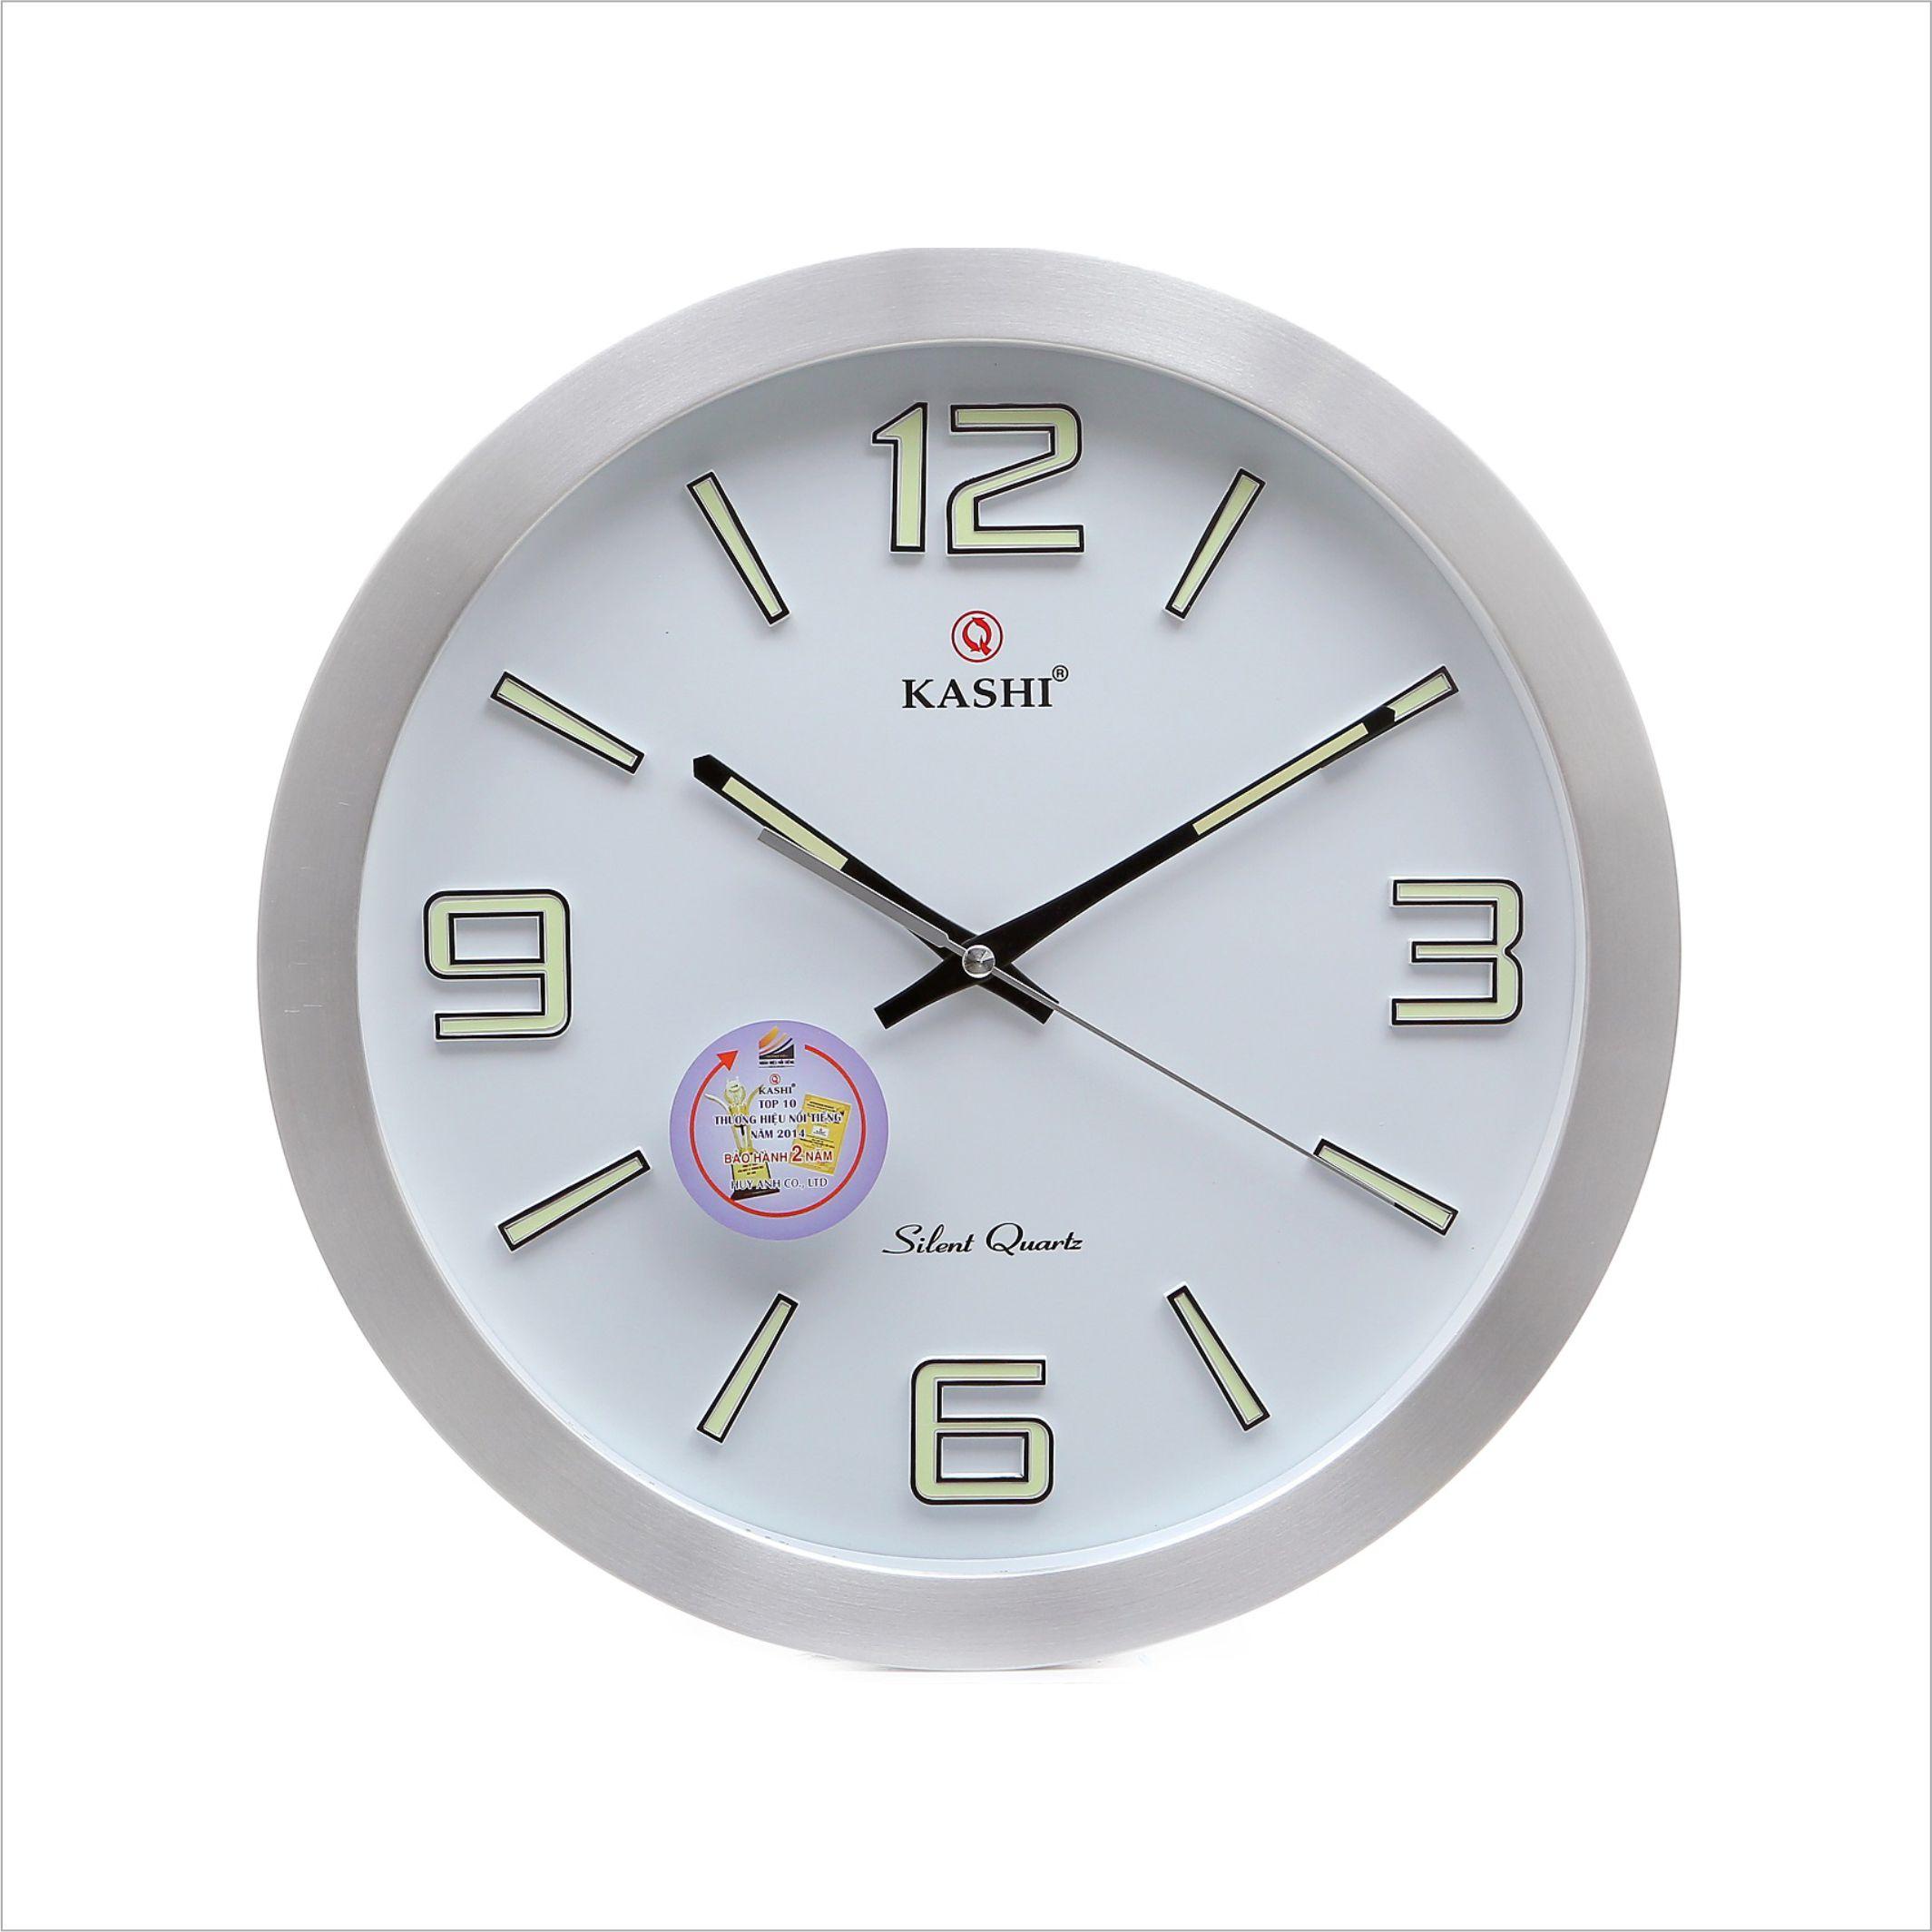 Đồng hồ treo tường vành nhôm DHK707 Dạ quang Trắng Kashi 35cm